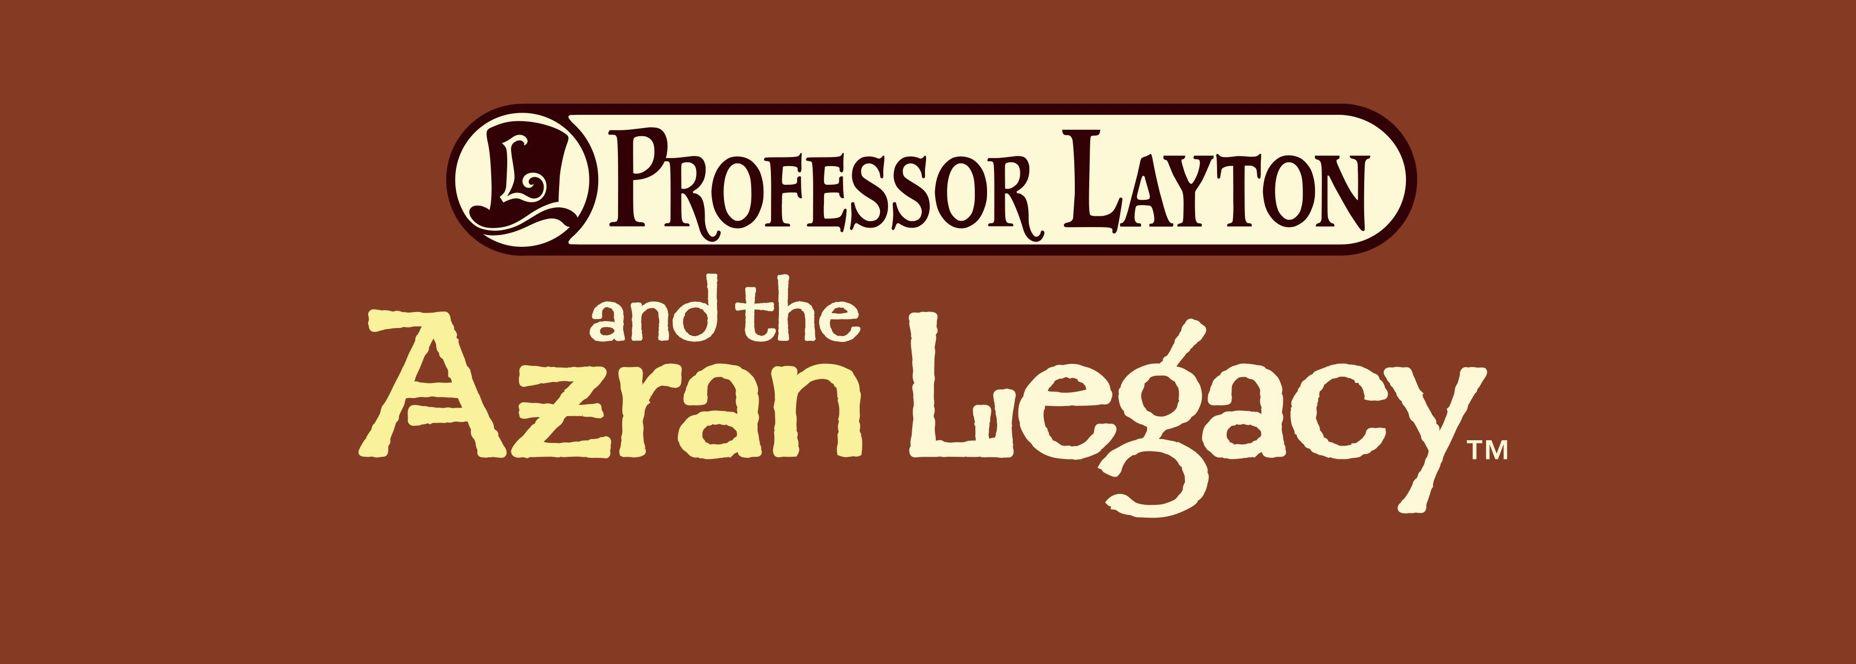 Layton1.jpg